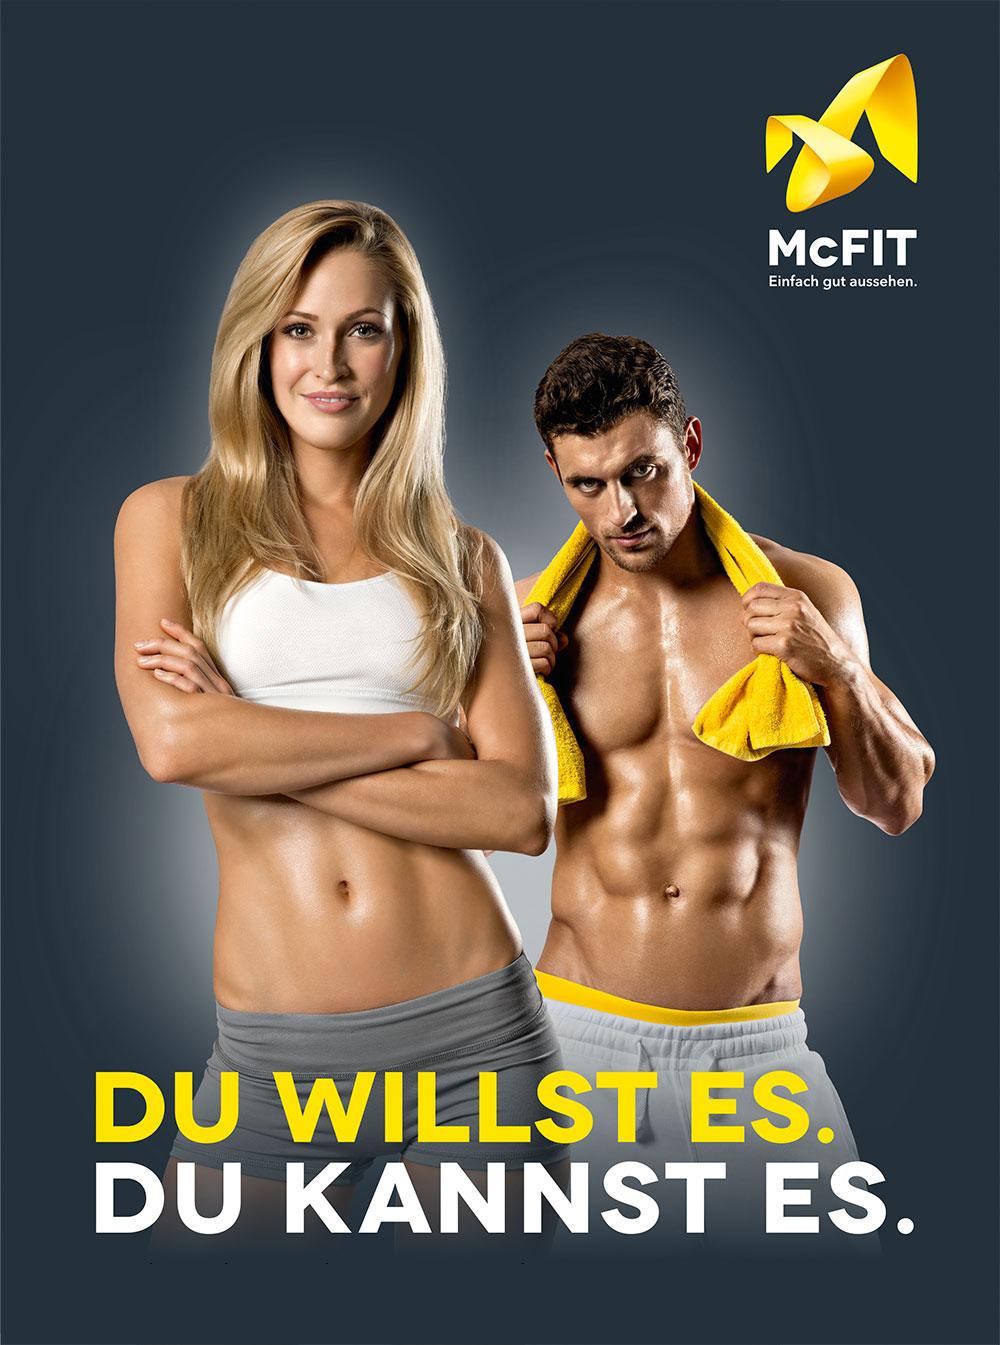 McFit - 20 Monate - halber Preis [Groupon]